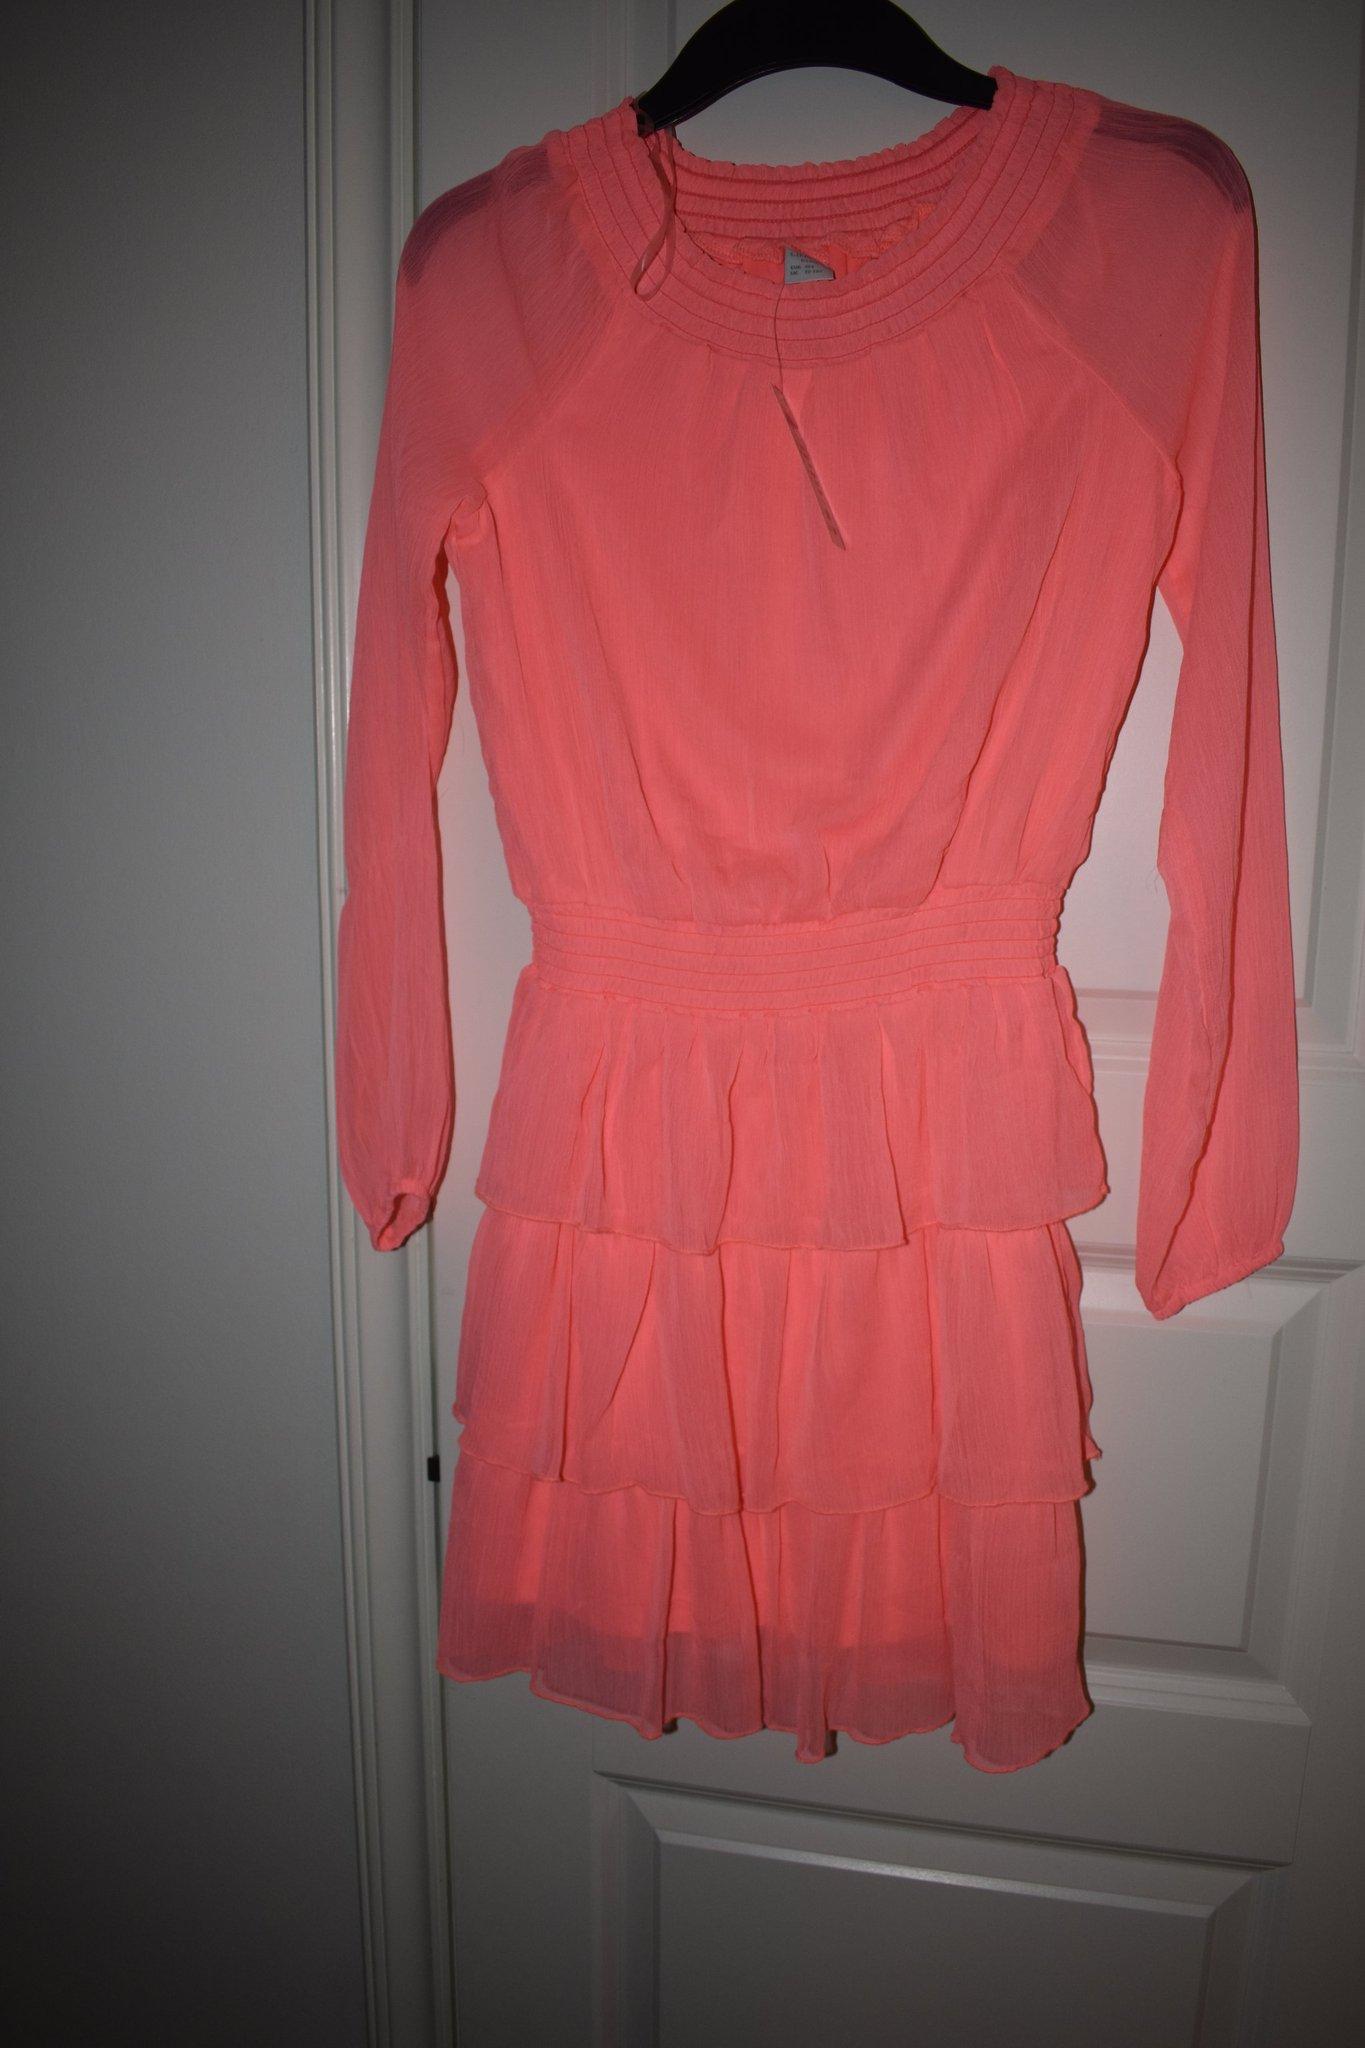 b6b9c56dfc8b NY Finaste Aprikos klänning från lindex strl 158!! NY lapp kvar  Skolavslutning!